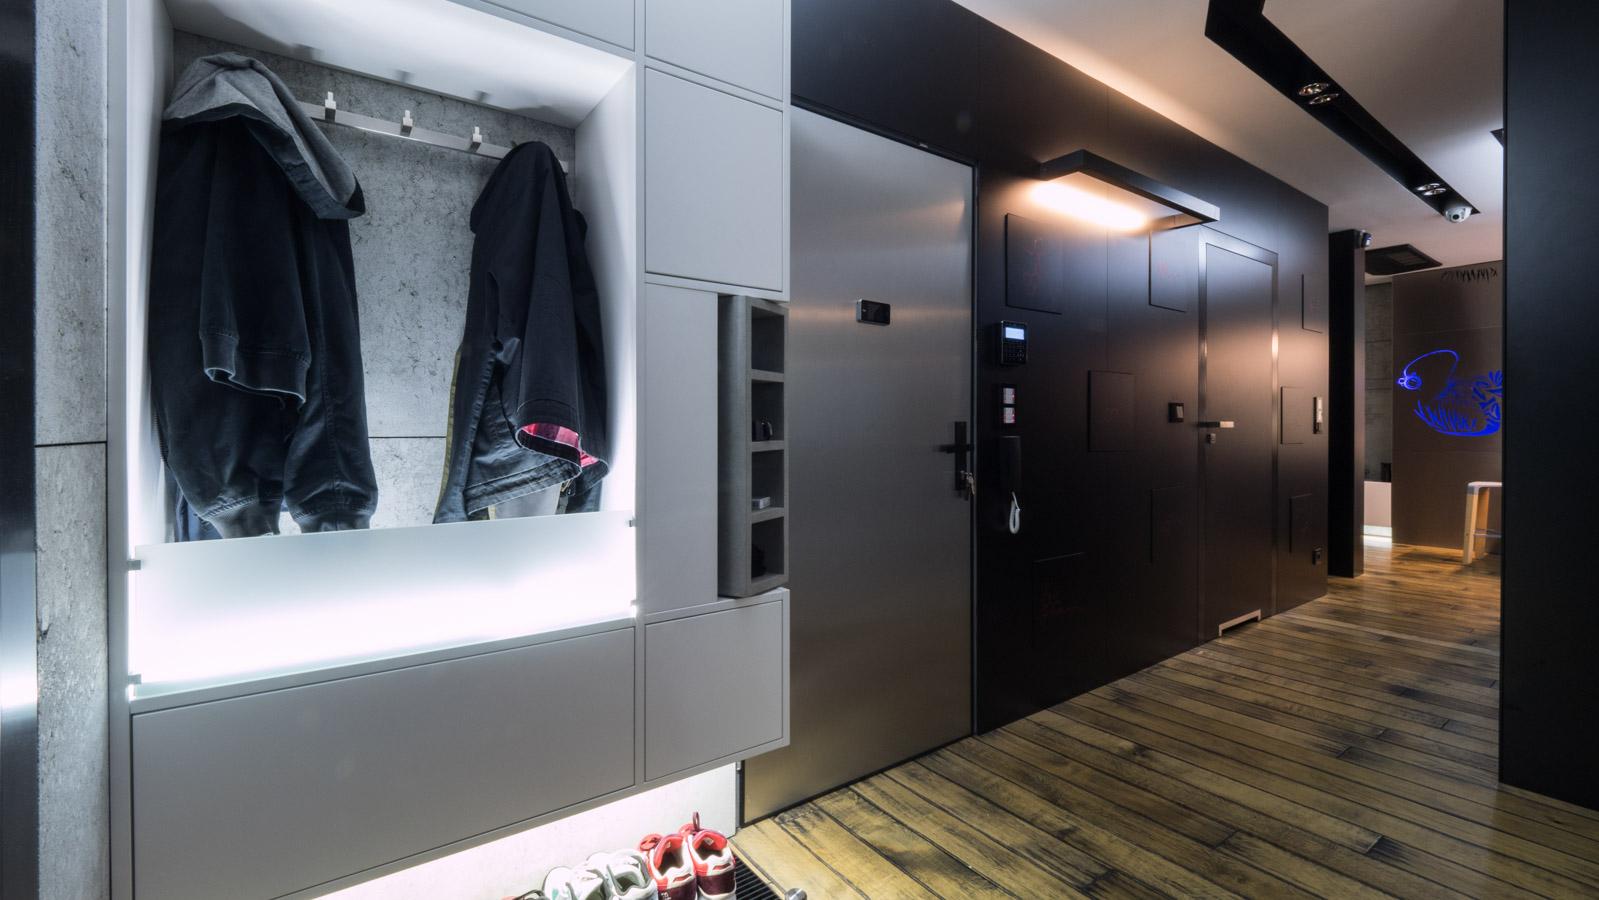 MJ Apartament singla mezczyzny20160520-_1030290 kamil konarski anna tasarz